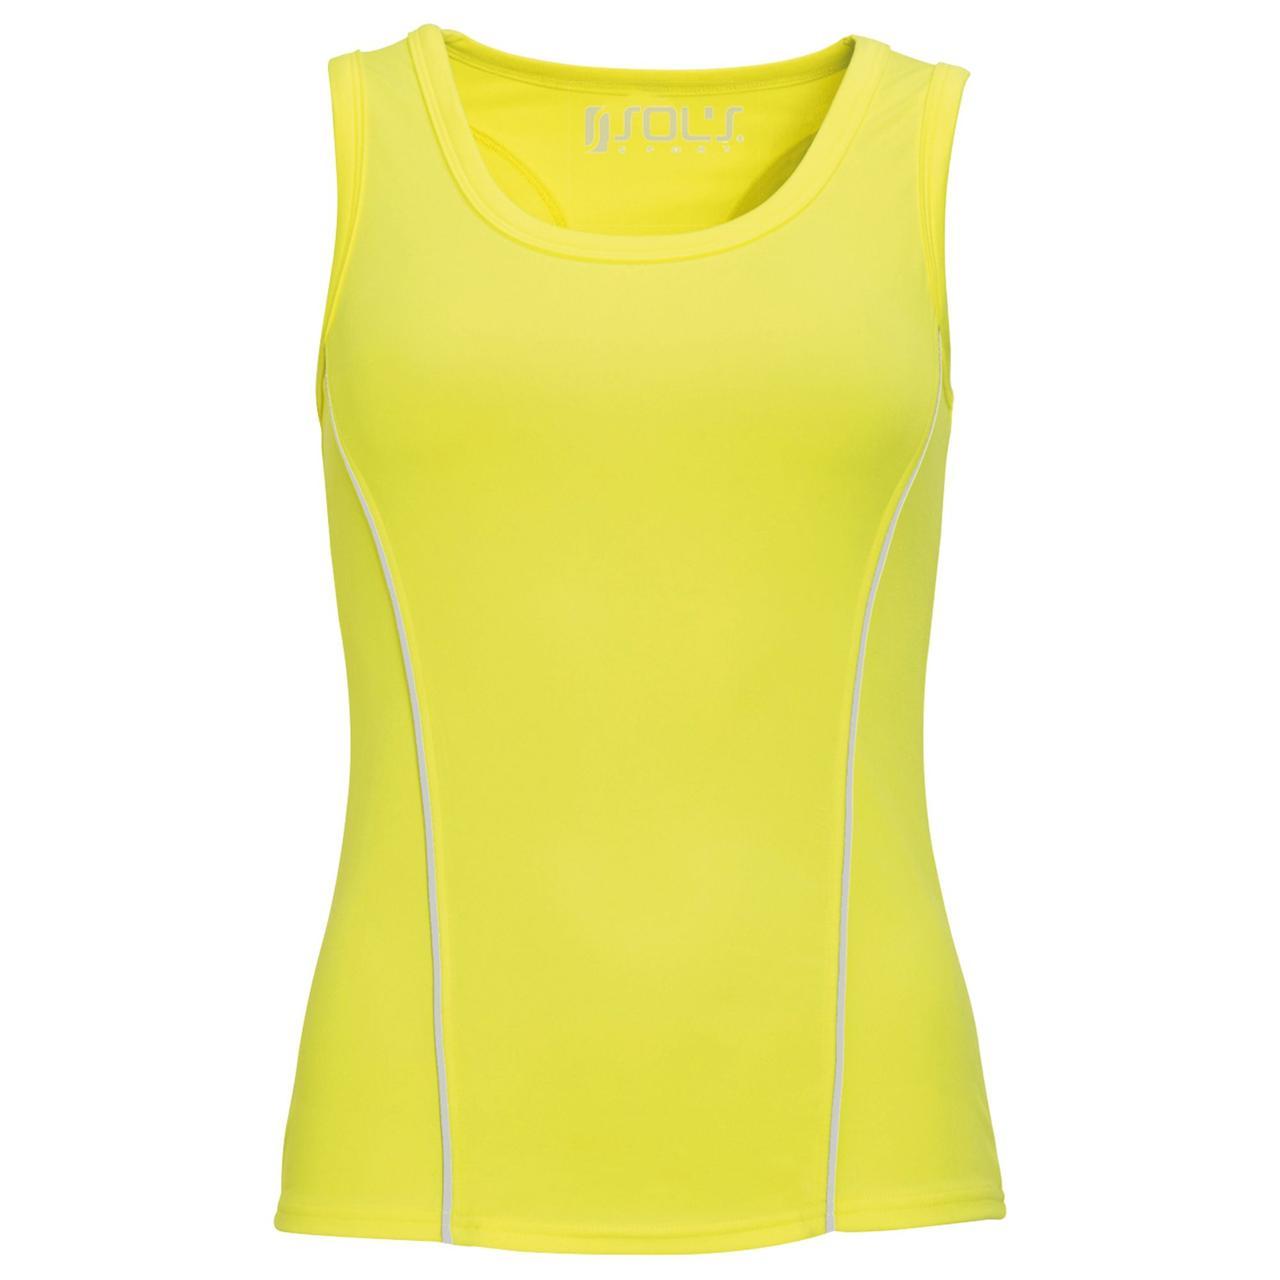 Спортивный топ Rio неоновый желтый (артикул 01418306)